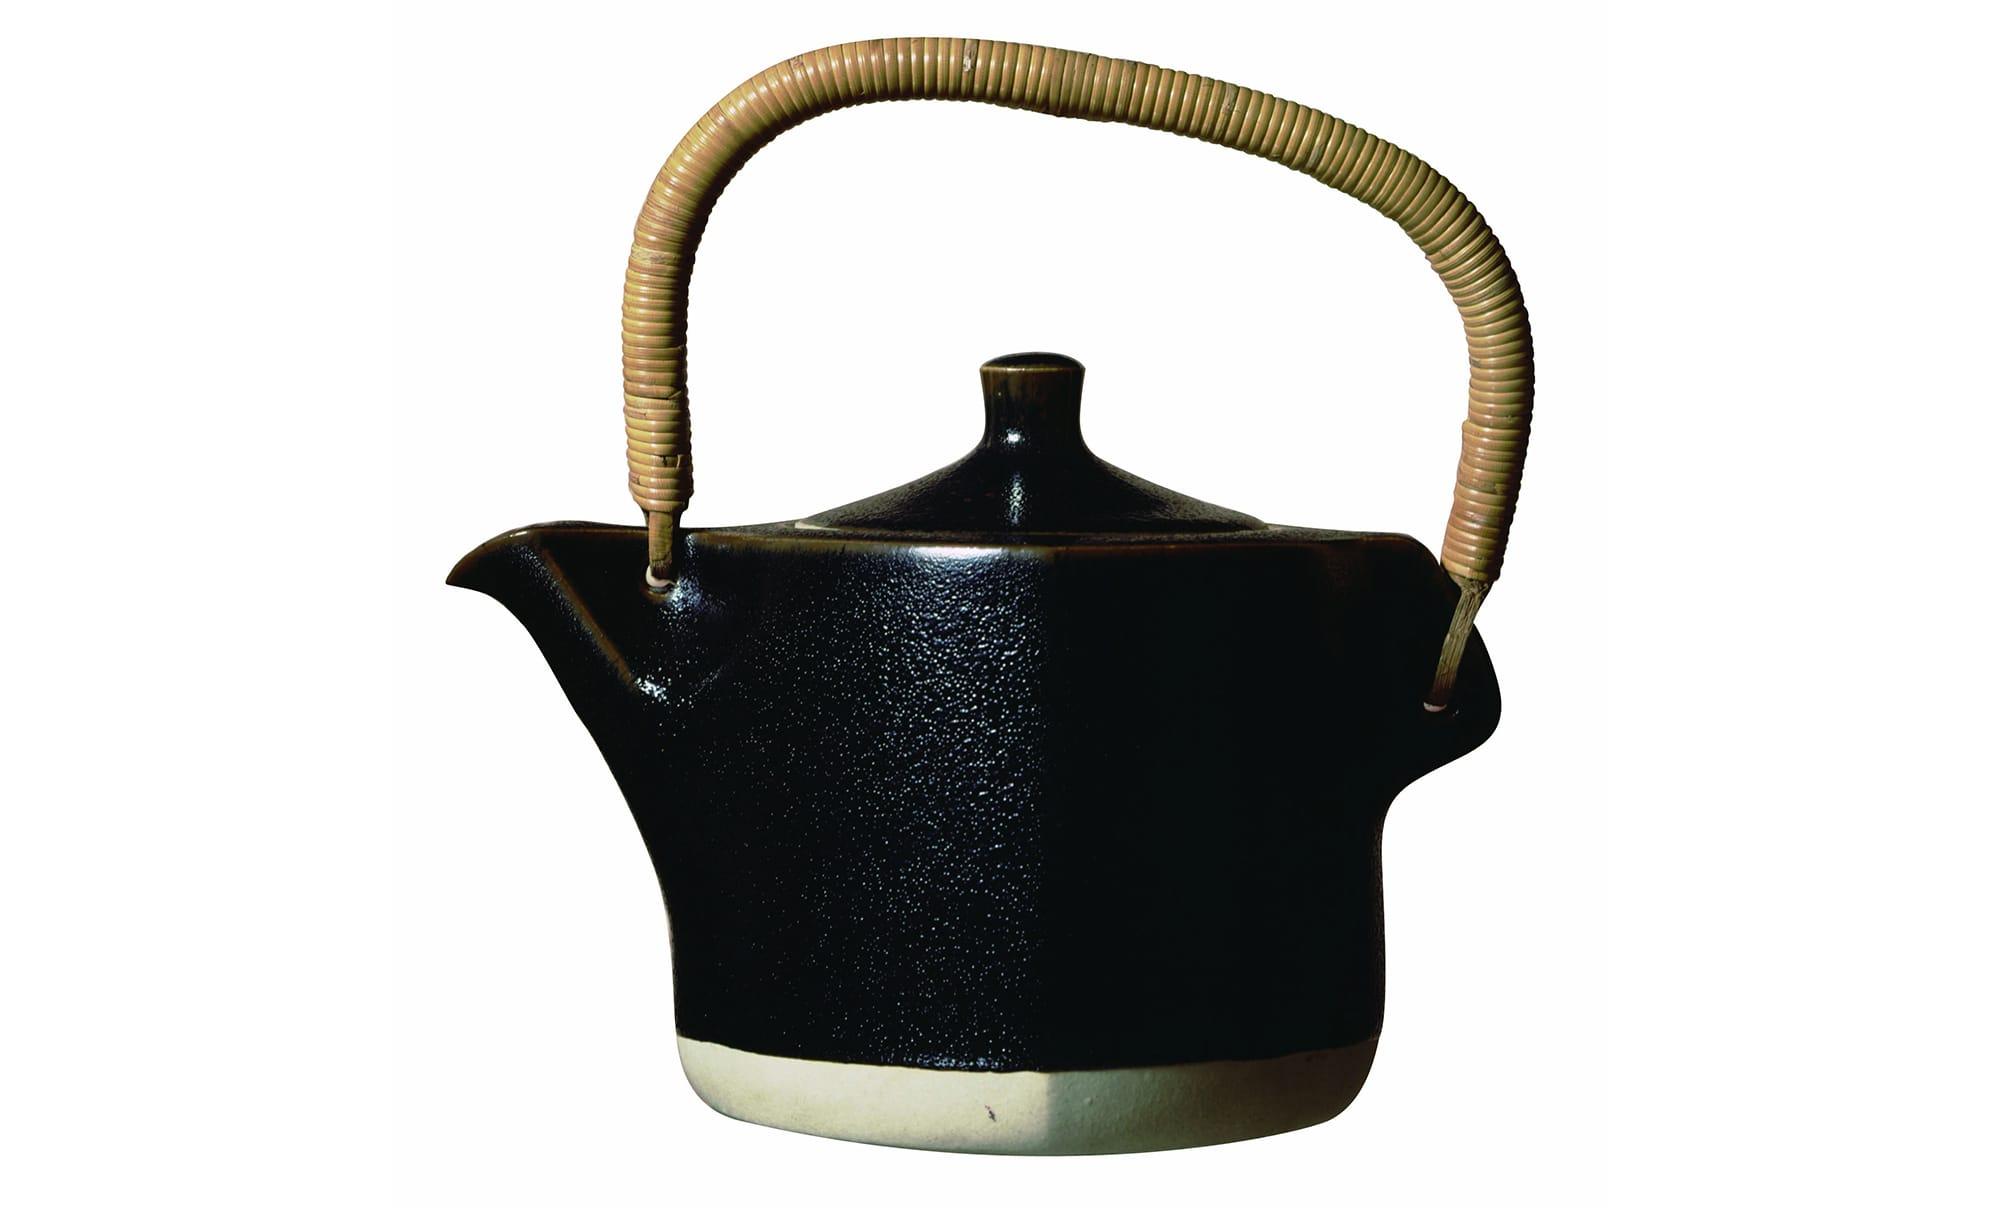 《黒土瓶》 京都五条坂窯 1958年 柳工業デザイン研究会蔵